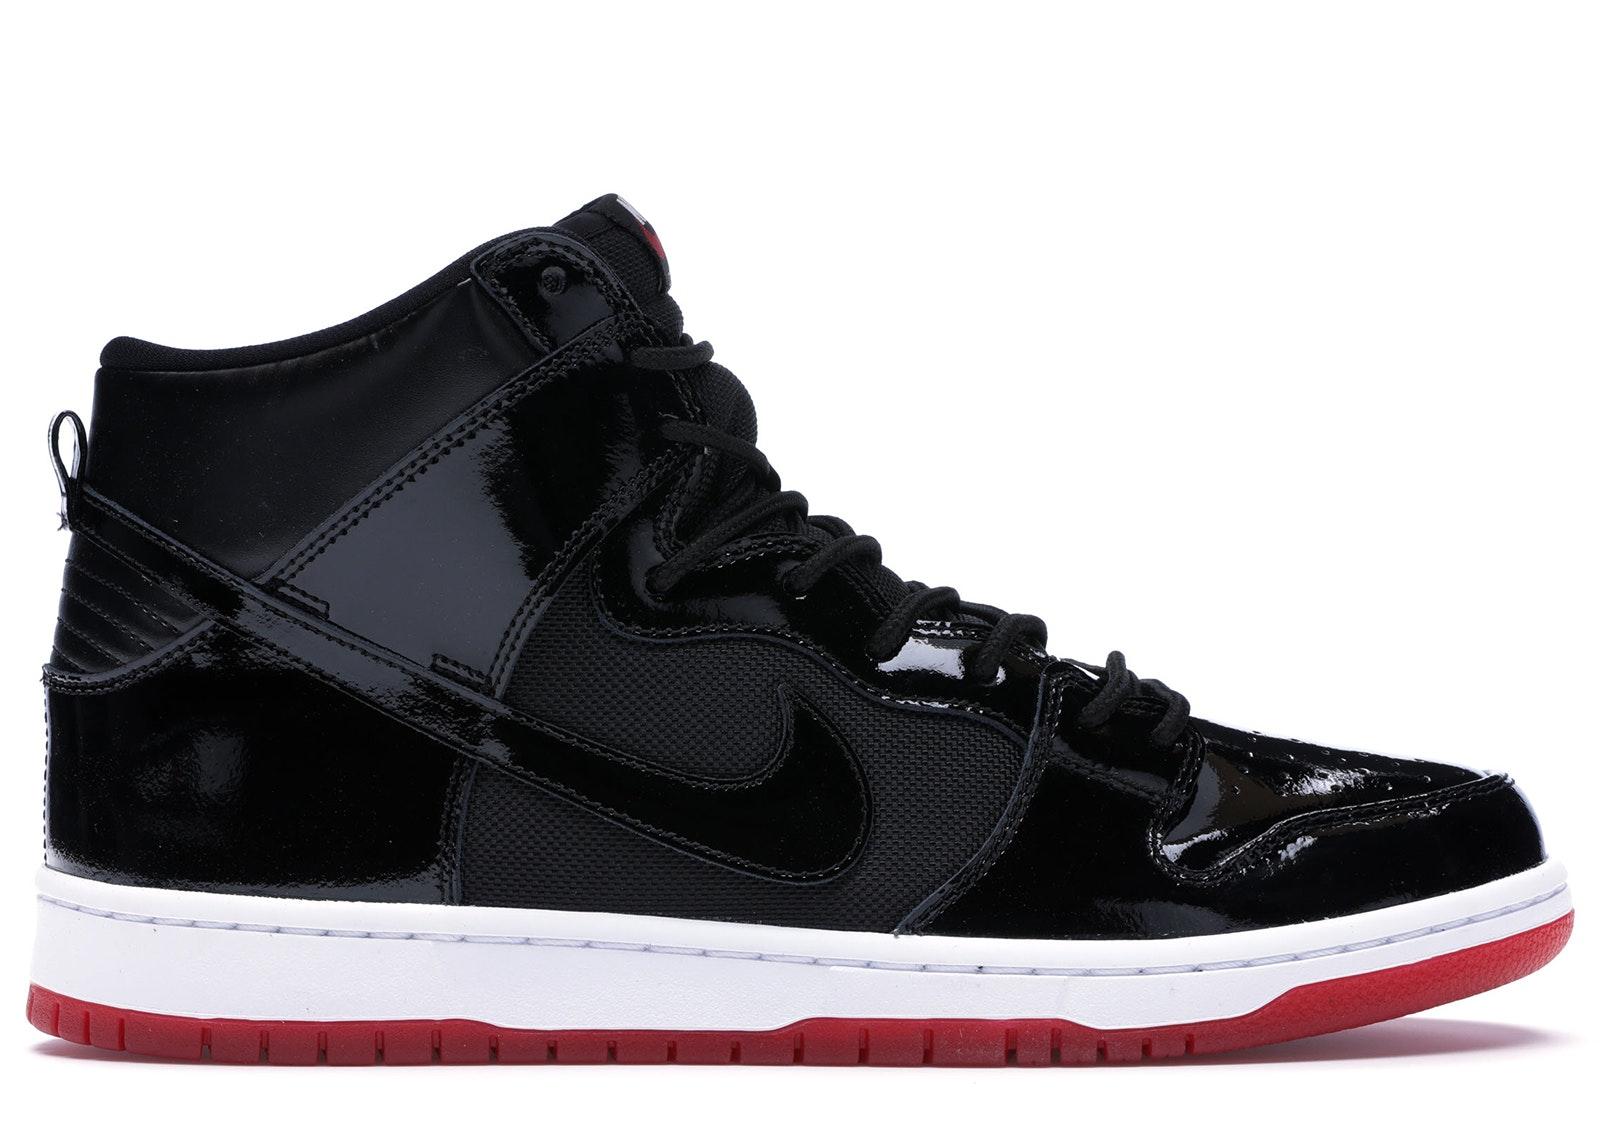 Nike SB Dunk High Bred